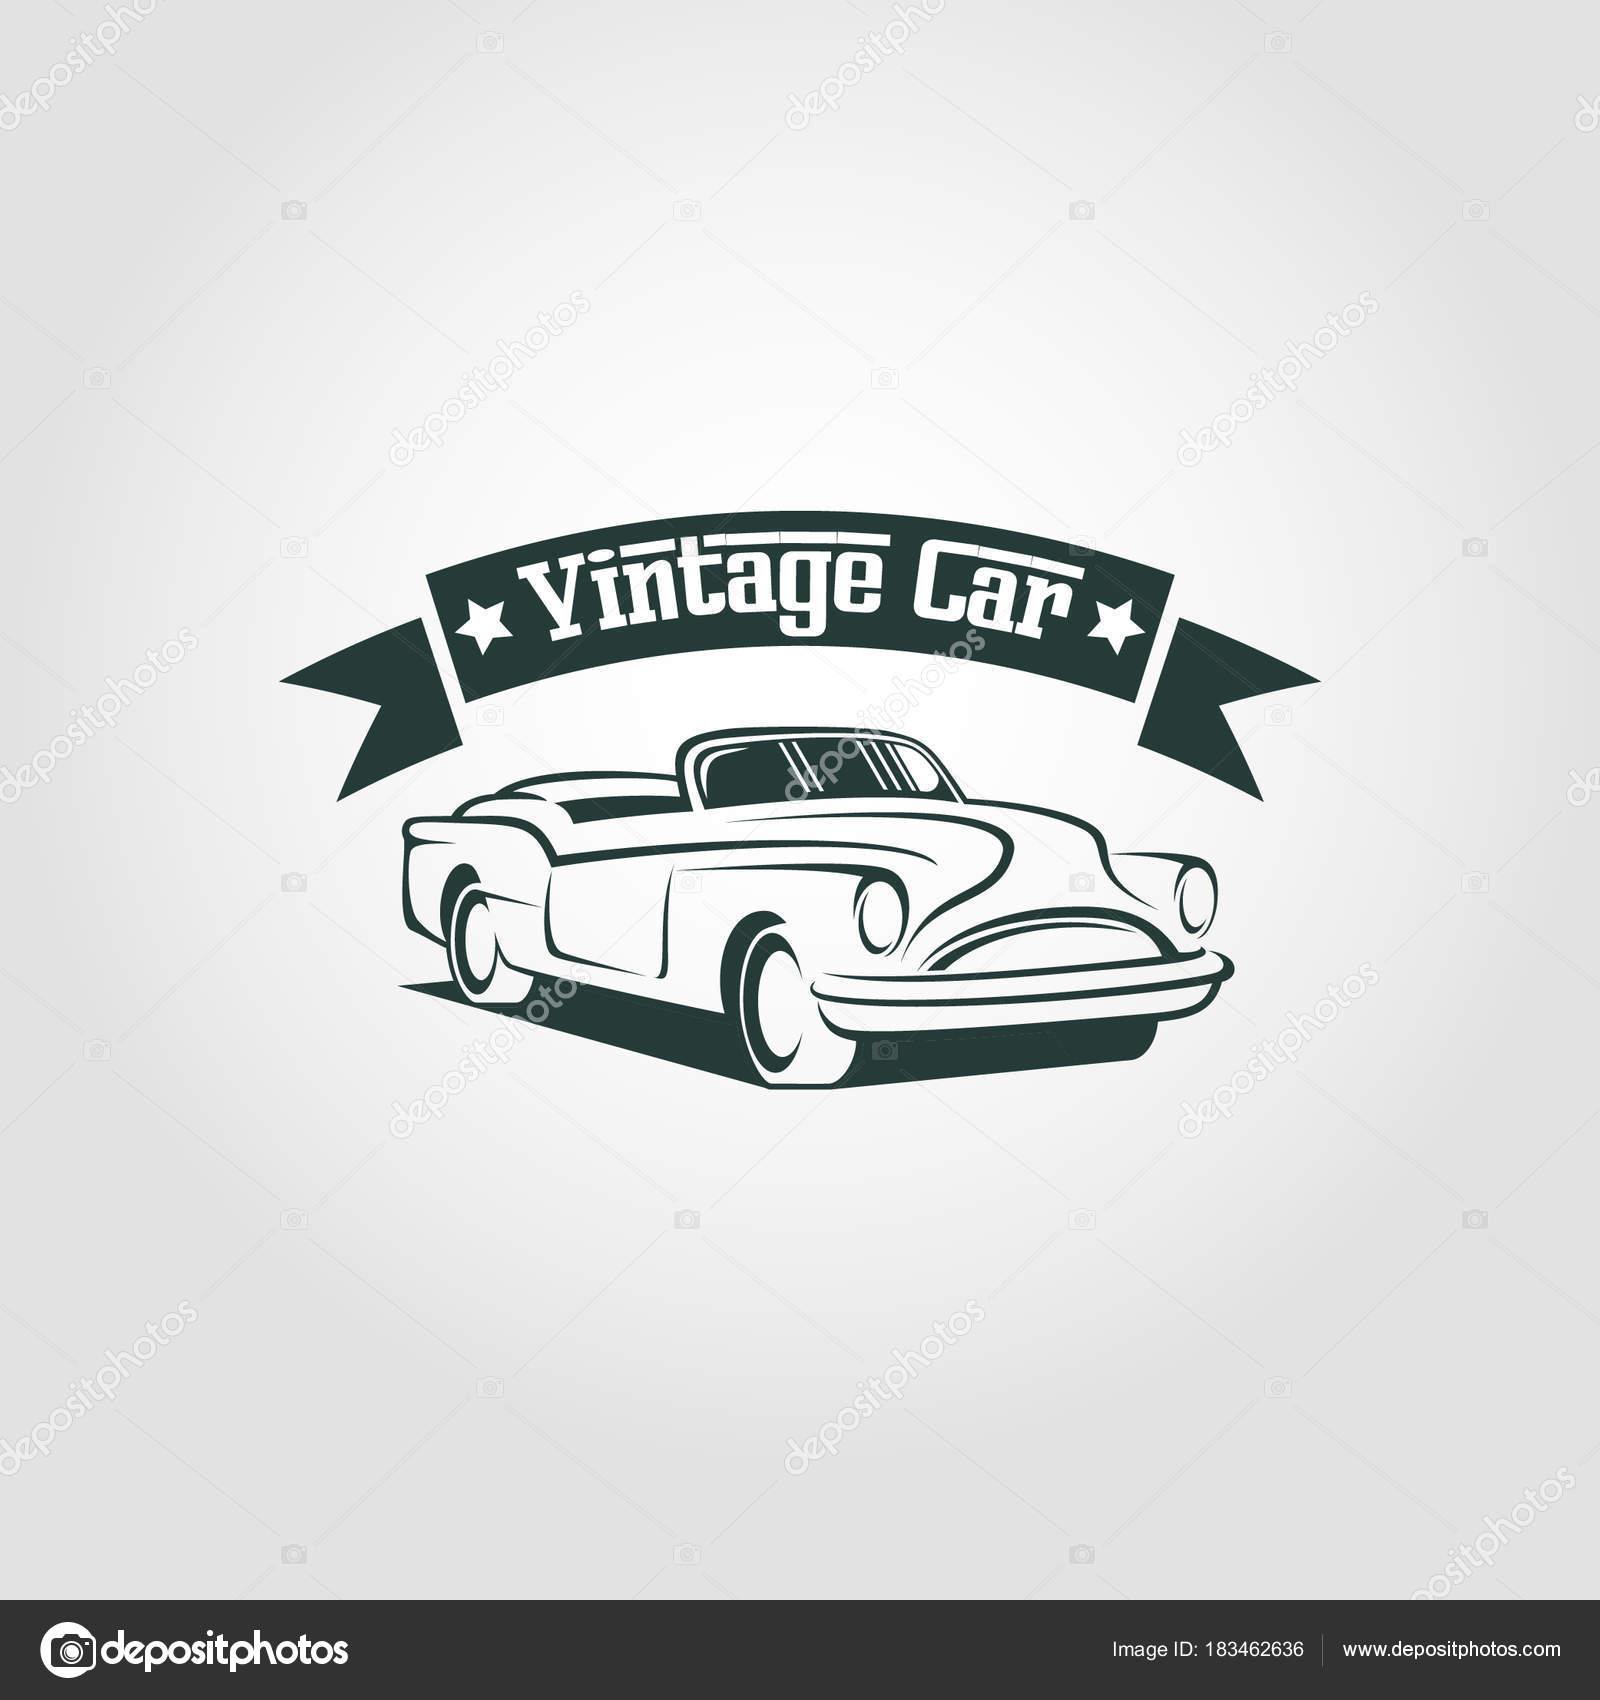 Vintage Car Logo Vector Stock Vector C Asmaraisme 183462636